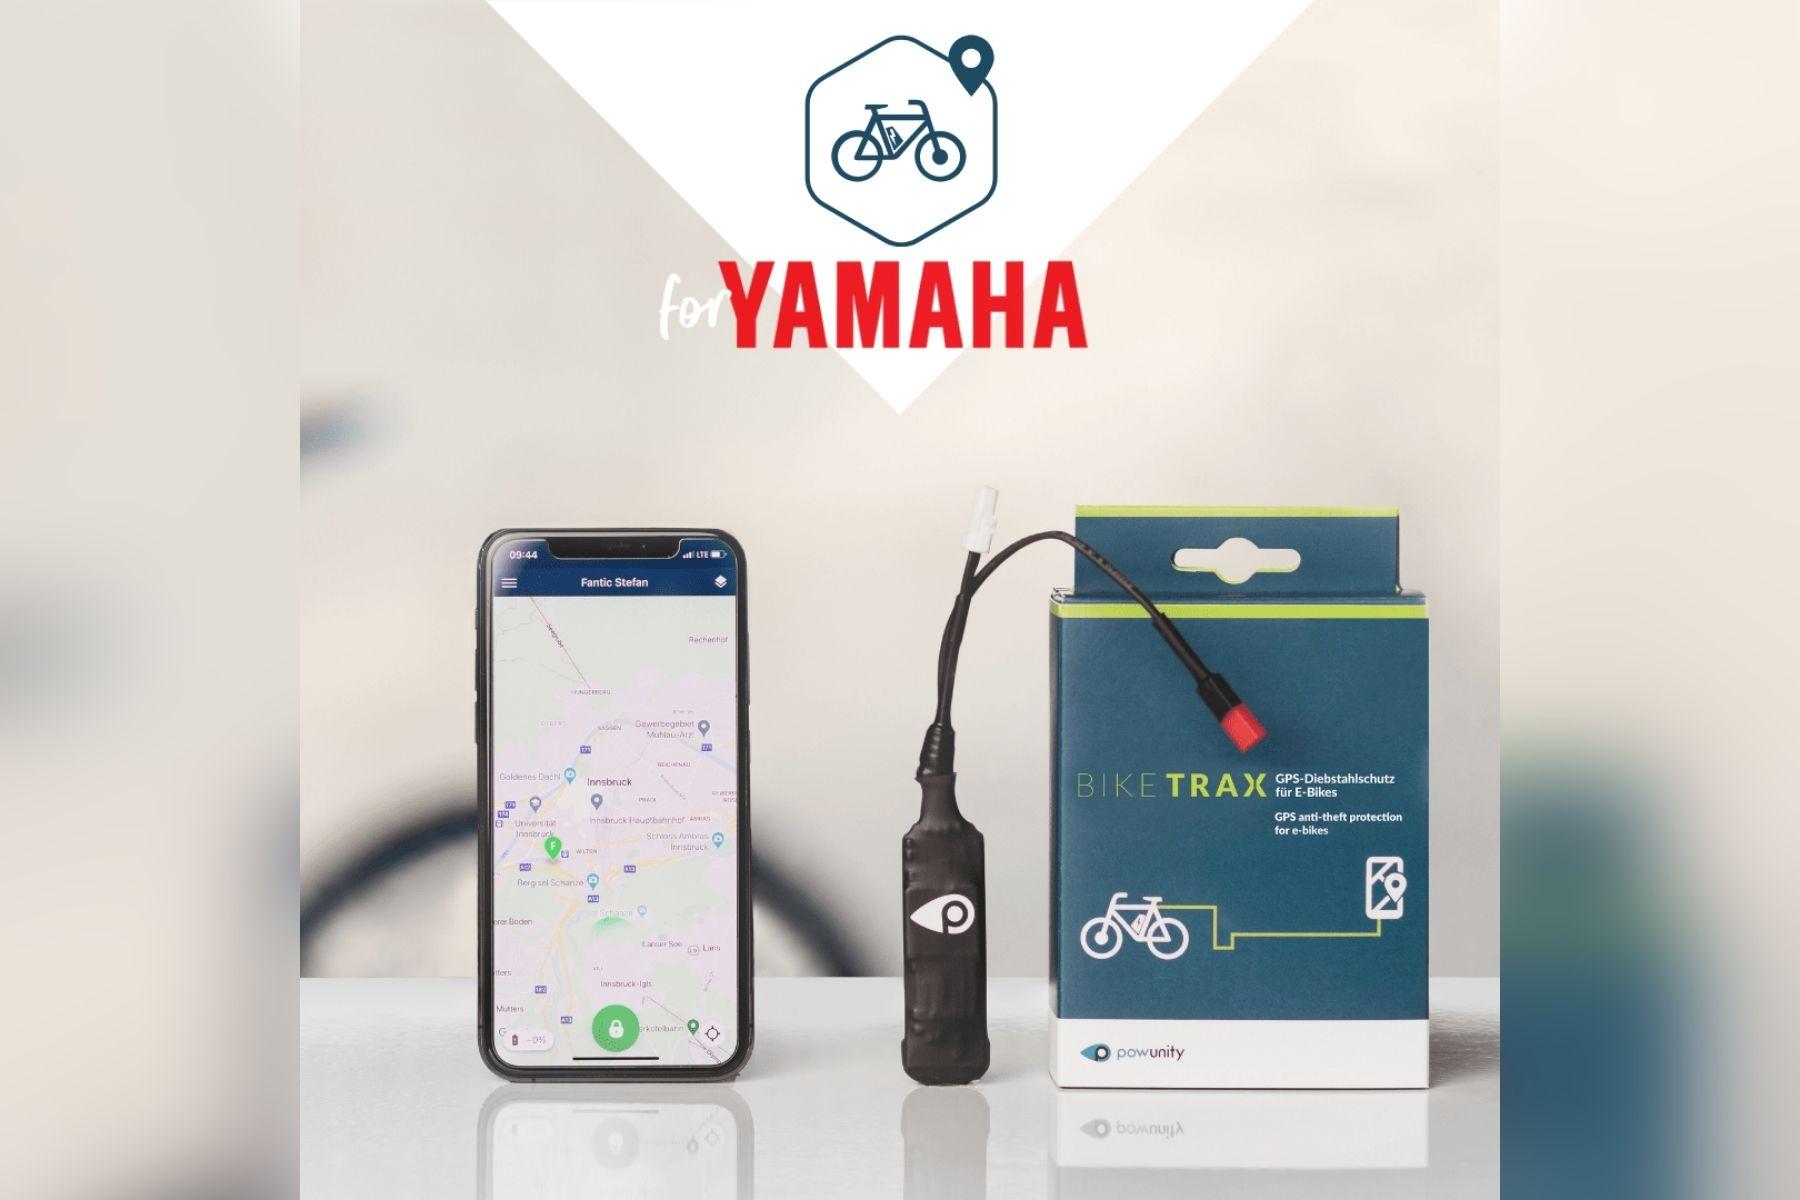 BikeTrax GPS-Tracker für alle E-Bikes mit Yamaha-Motoren erhältlich